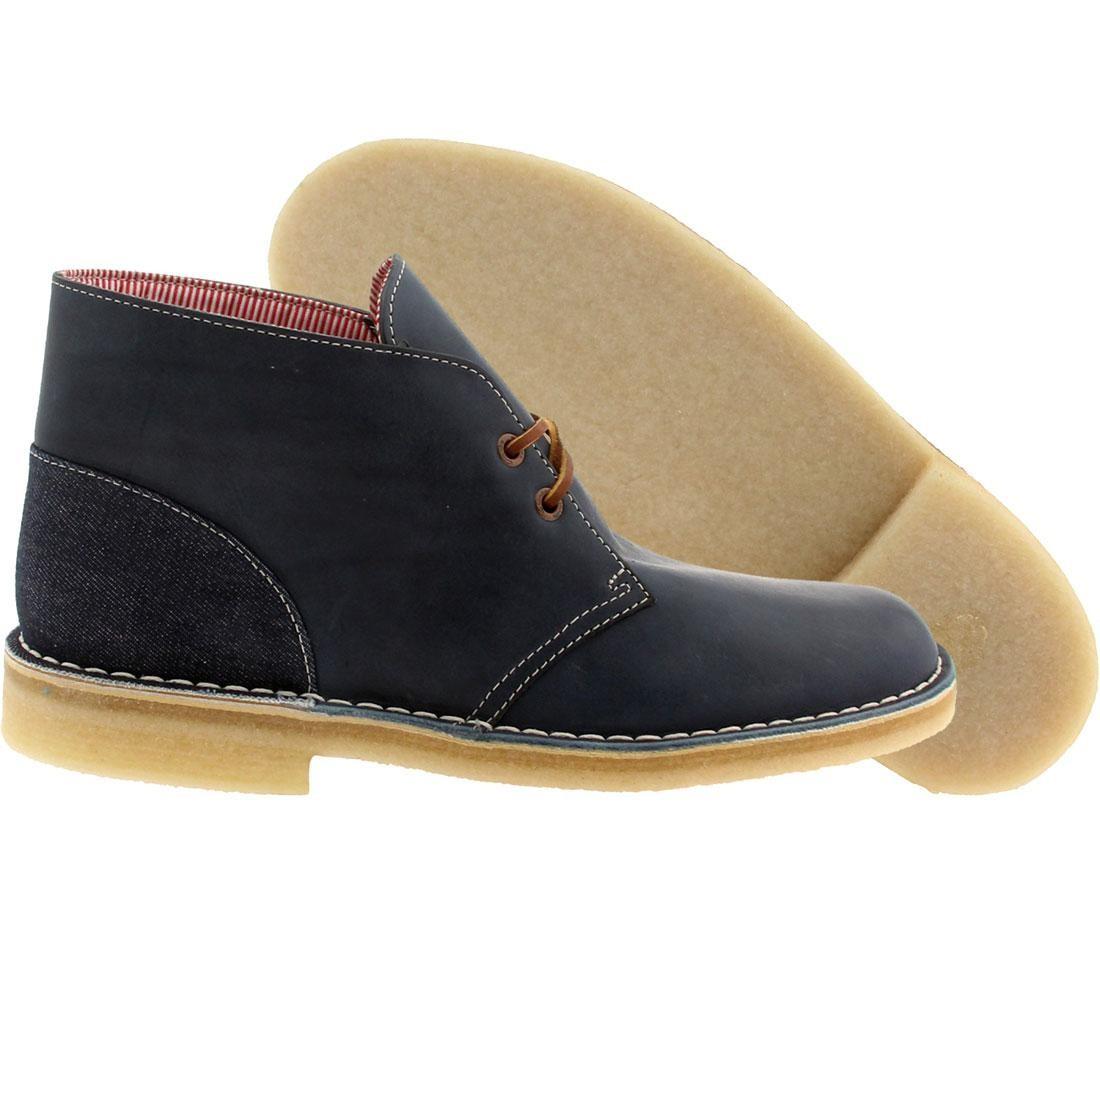 【海外限定】クラークス サプライ ブーツ 青 ブルー スニーカー 靴 【 SUPPLY BLUE CLARKS X HERSCHEL CO MEN DESERT BOOT COMBI 】